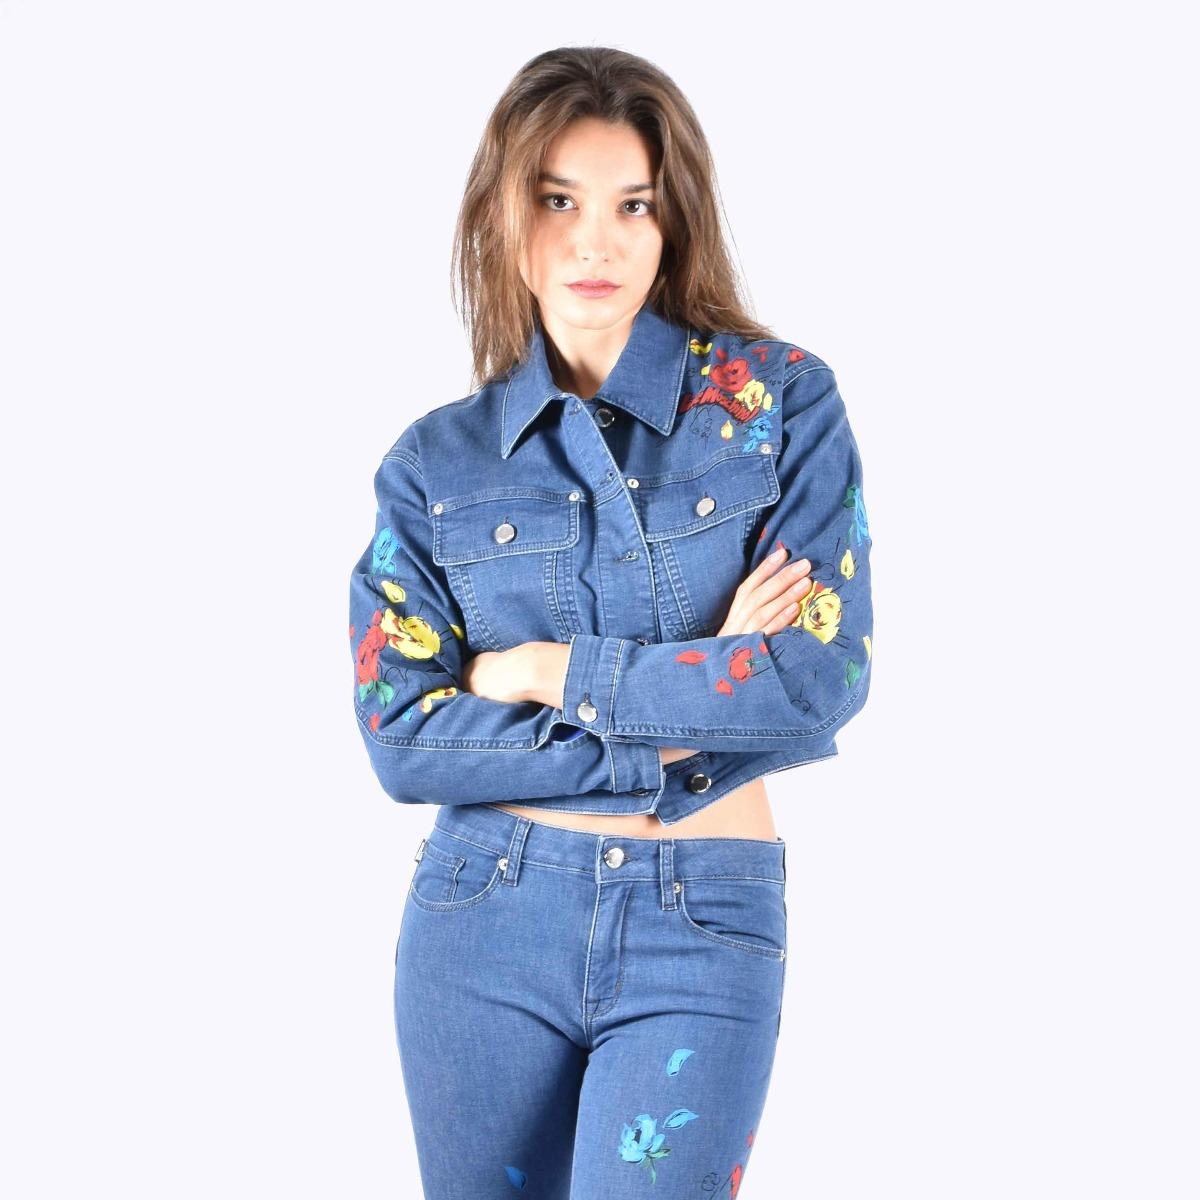 Giubbino jeans stampa fiori - Denim medio